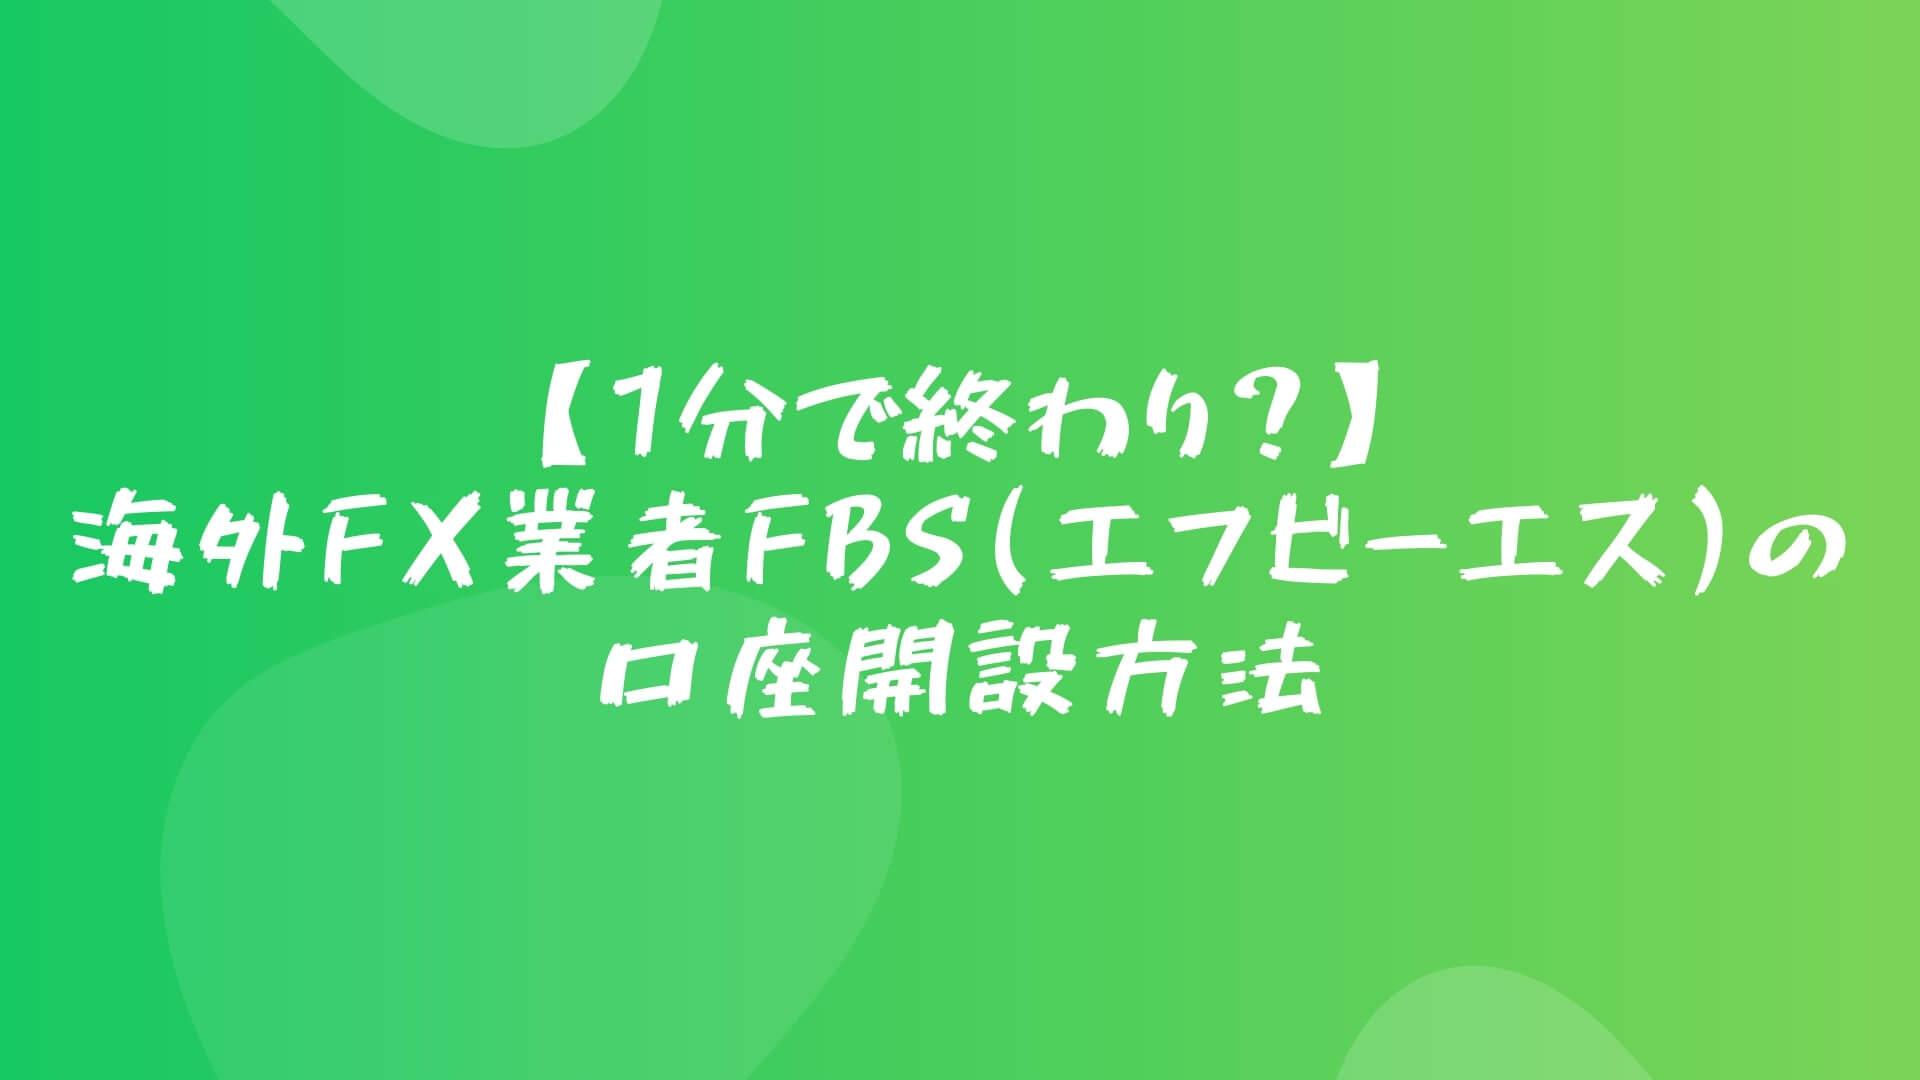 【1分で終わり?】海外FX業者FBS(エフビーエス)の口座開設方法